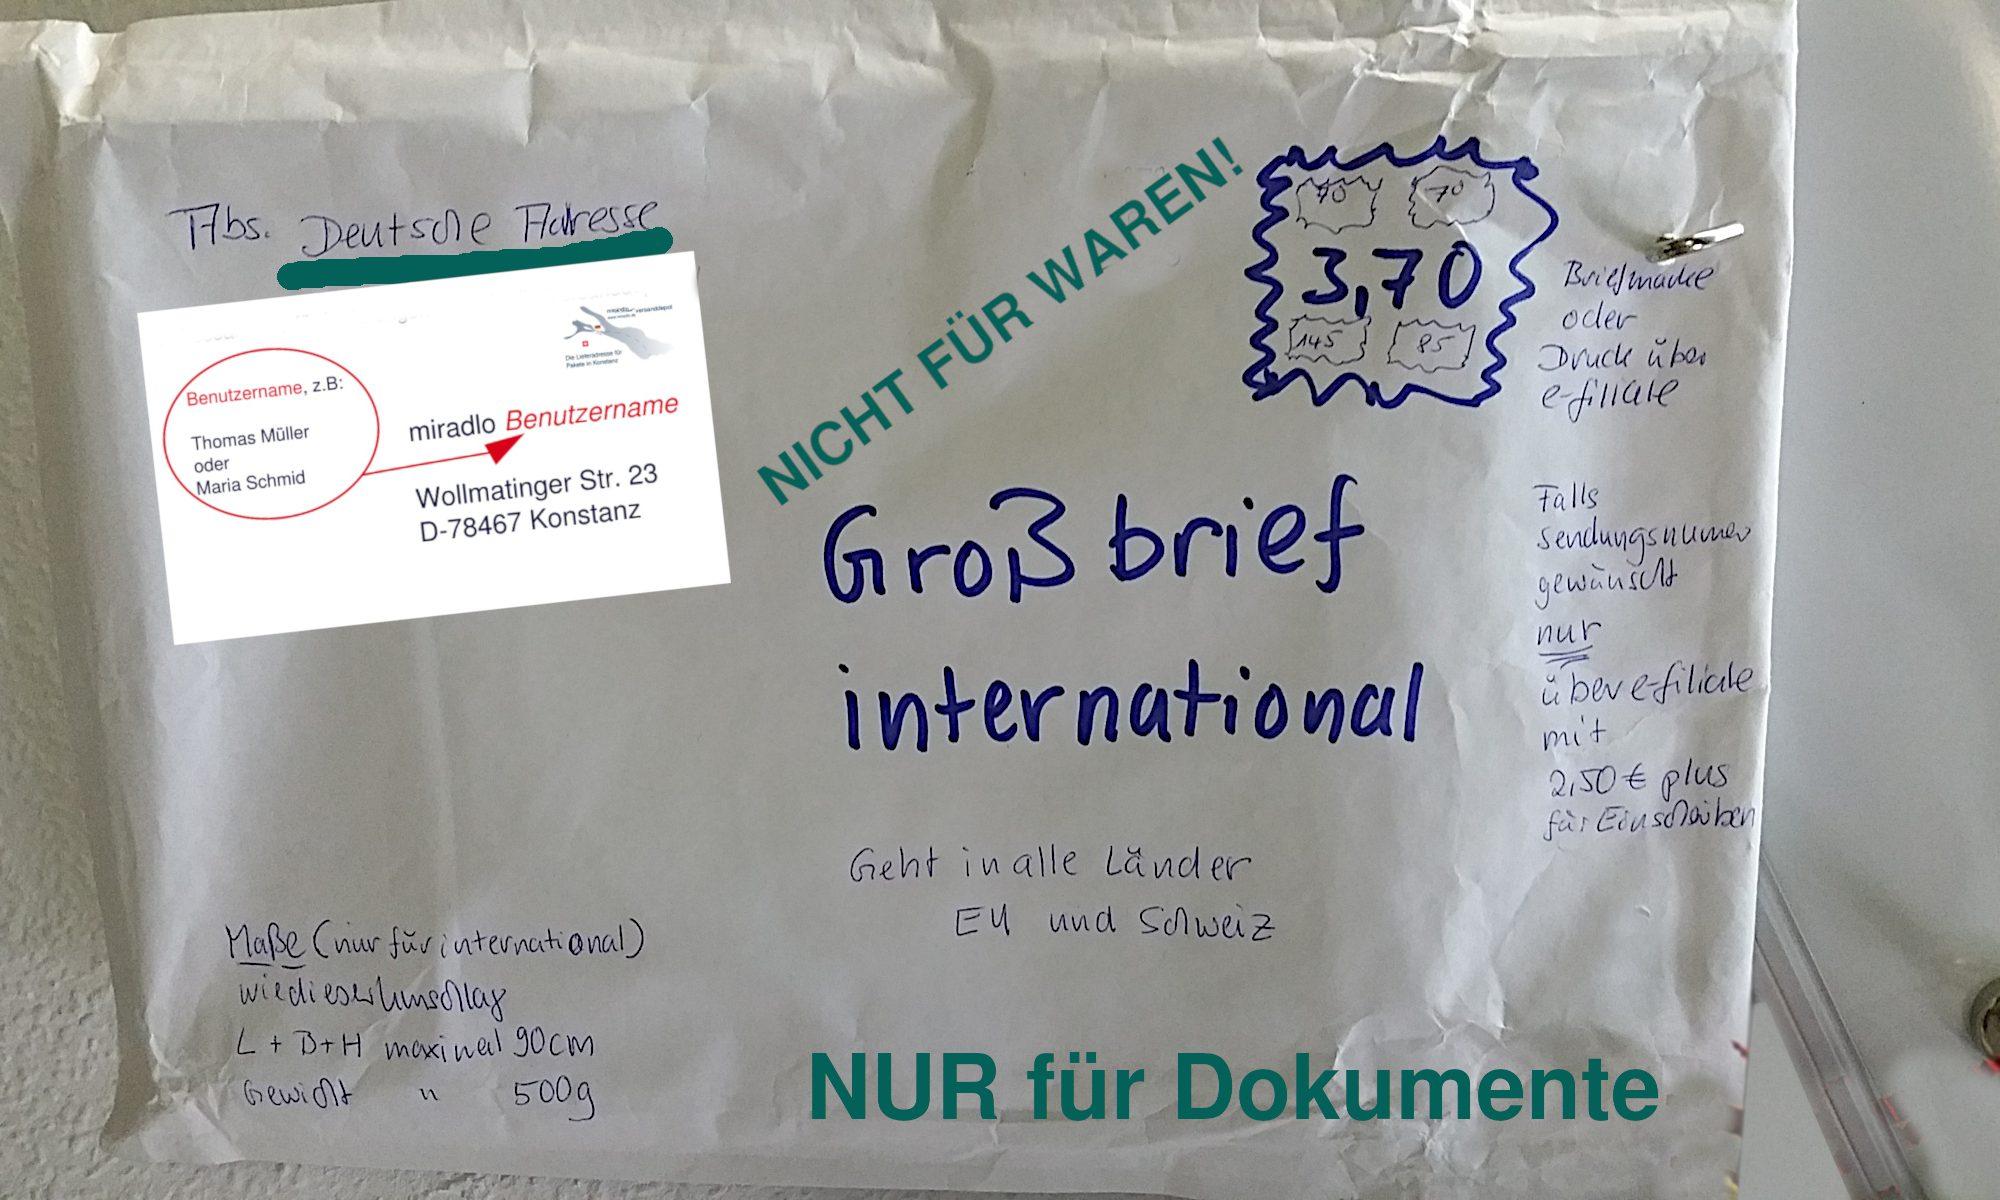 Waren nur noch als Paket - Großbrief international ist nur noch für Dokumente zulässig - miradlo-Versanddepot